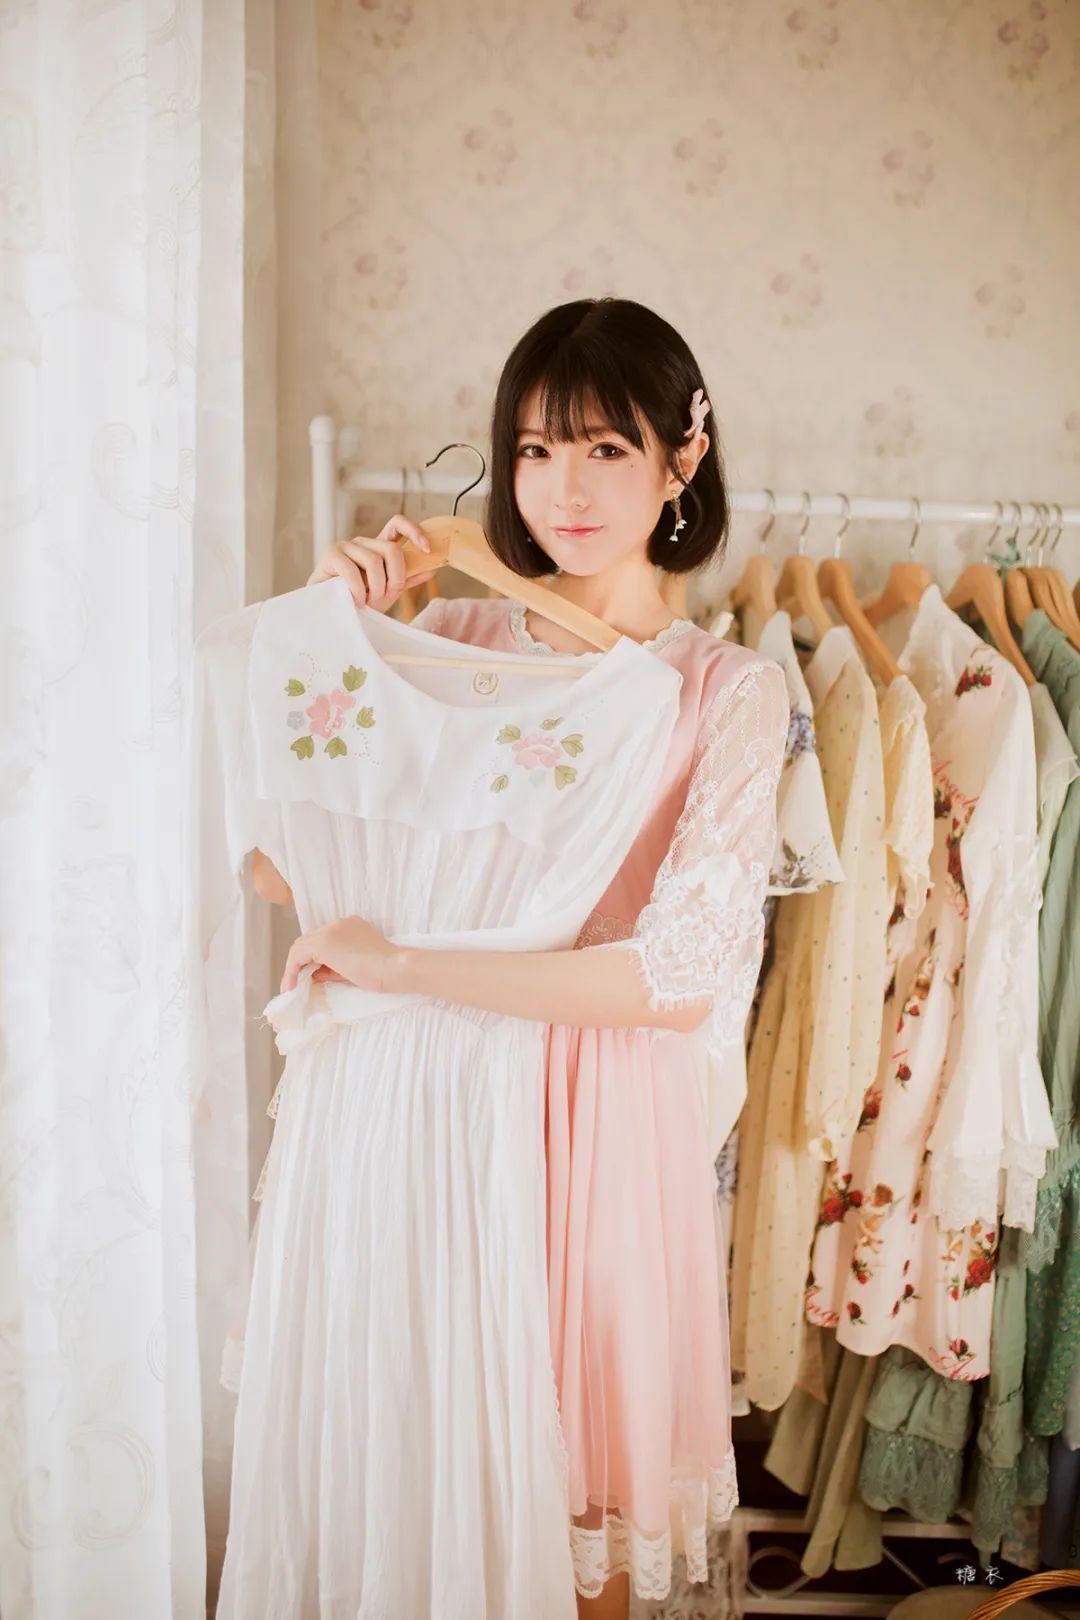 妹子摄影 – 粉色连衣裙姐妹花,双倍快乐_图片 No.9